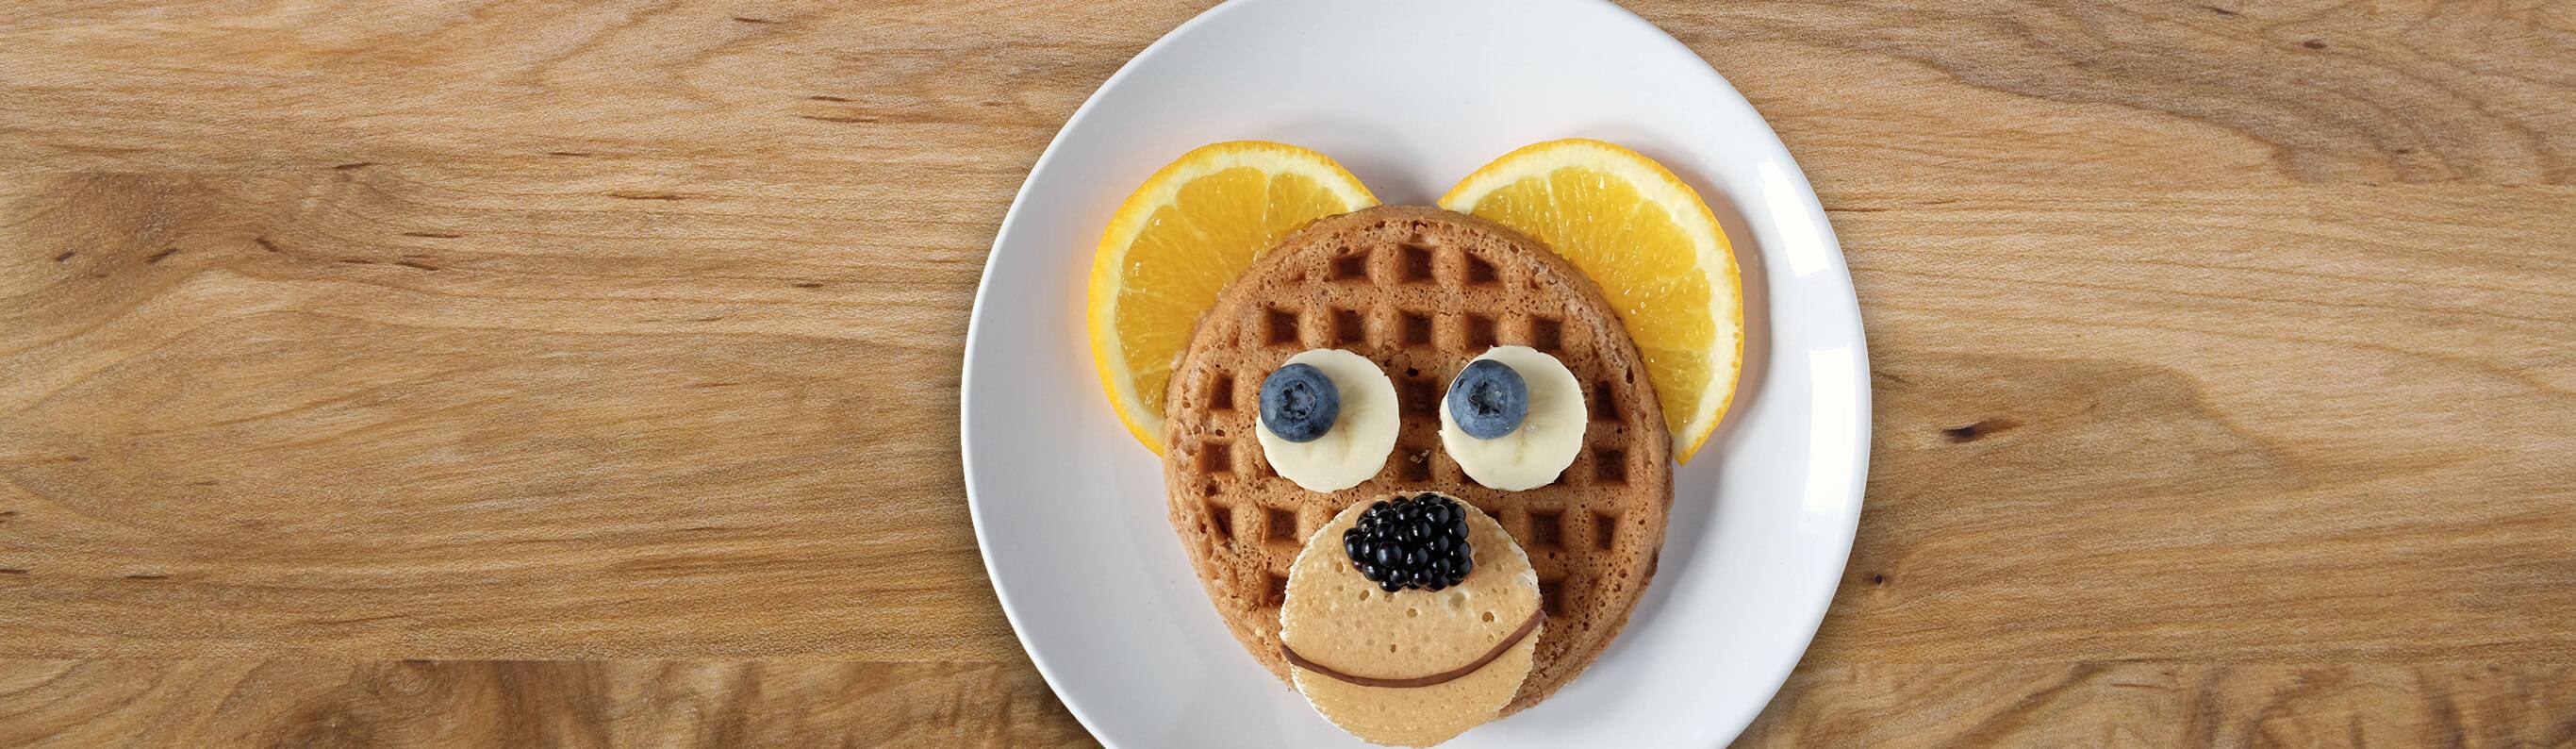 Bear Face Waffles